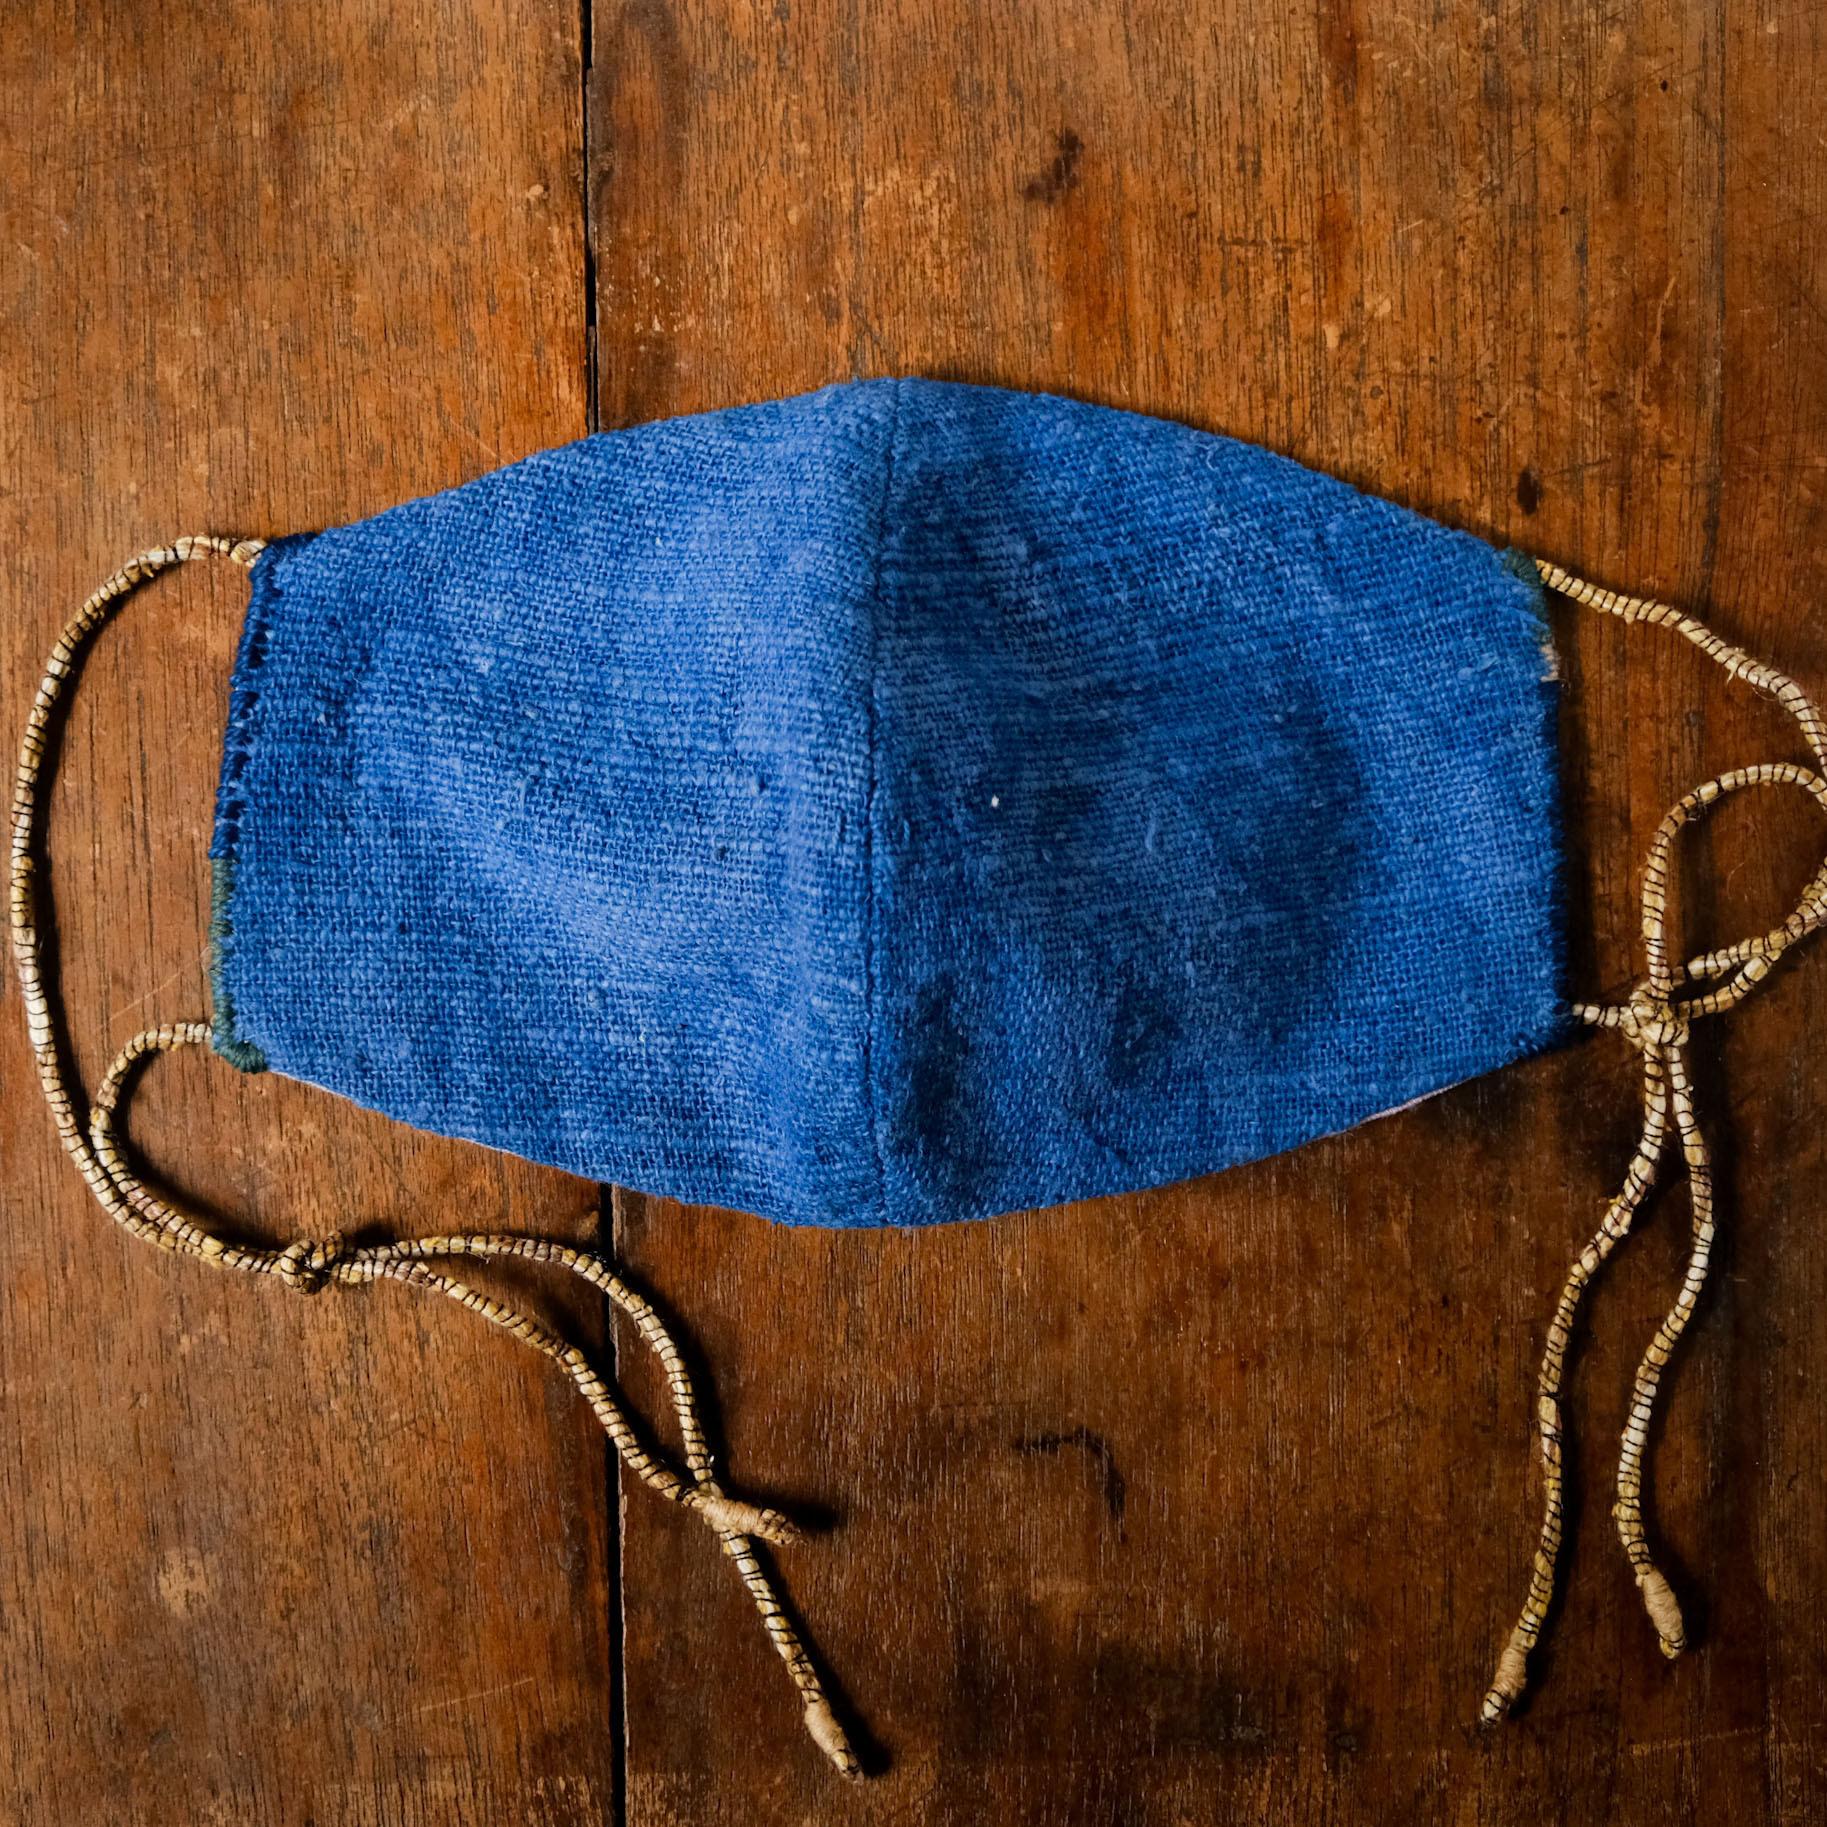 「もりふかく」藍染手紡ぎ手織り綿と竹布の手縫いマスク 男性用